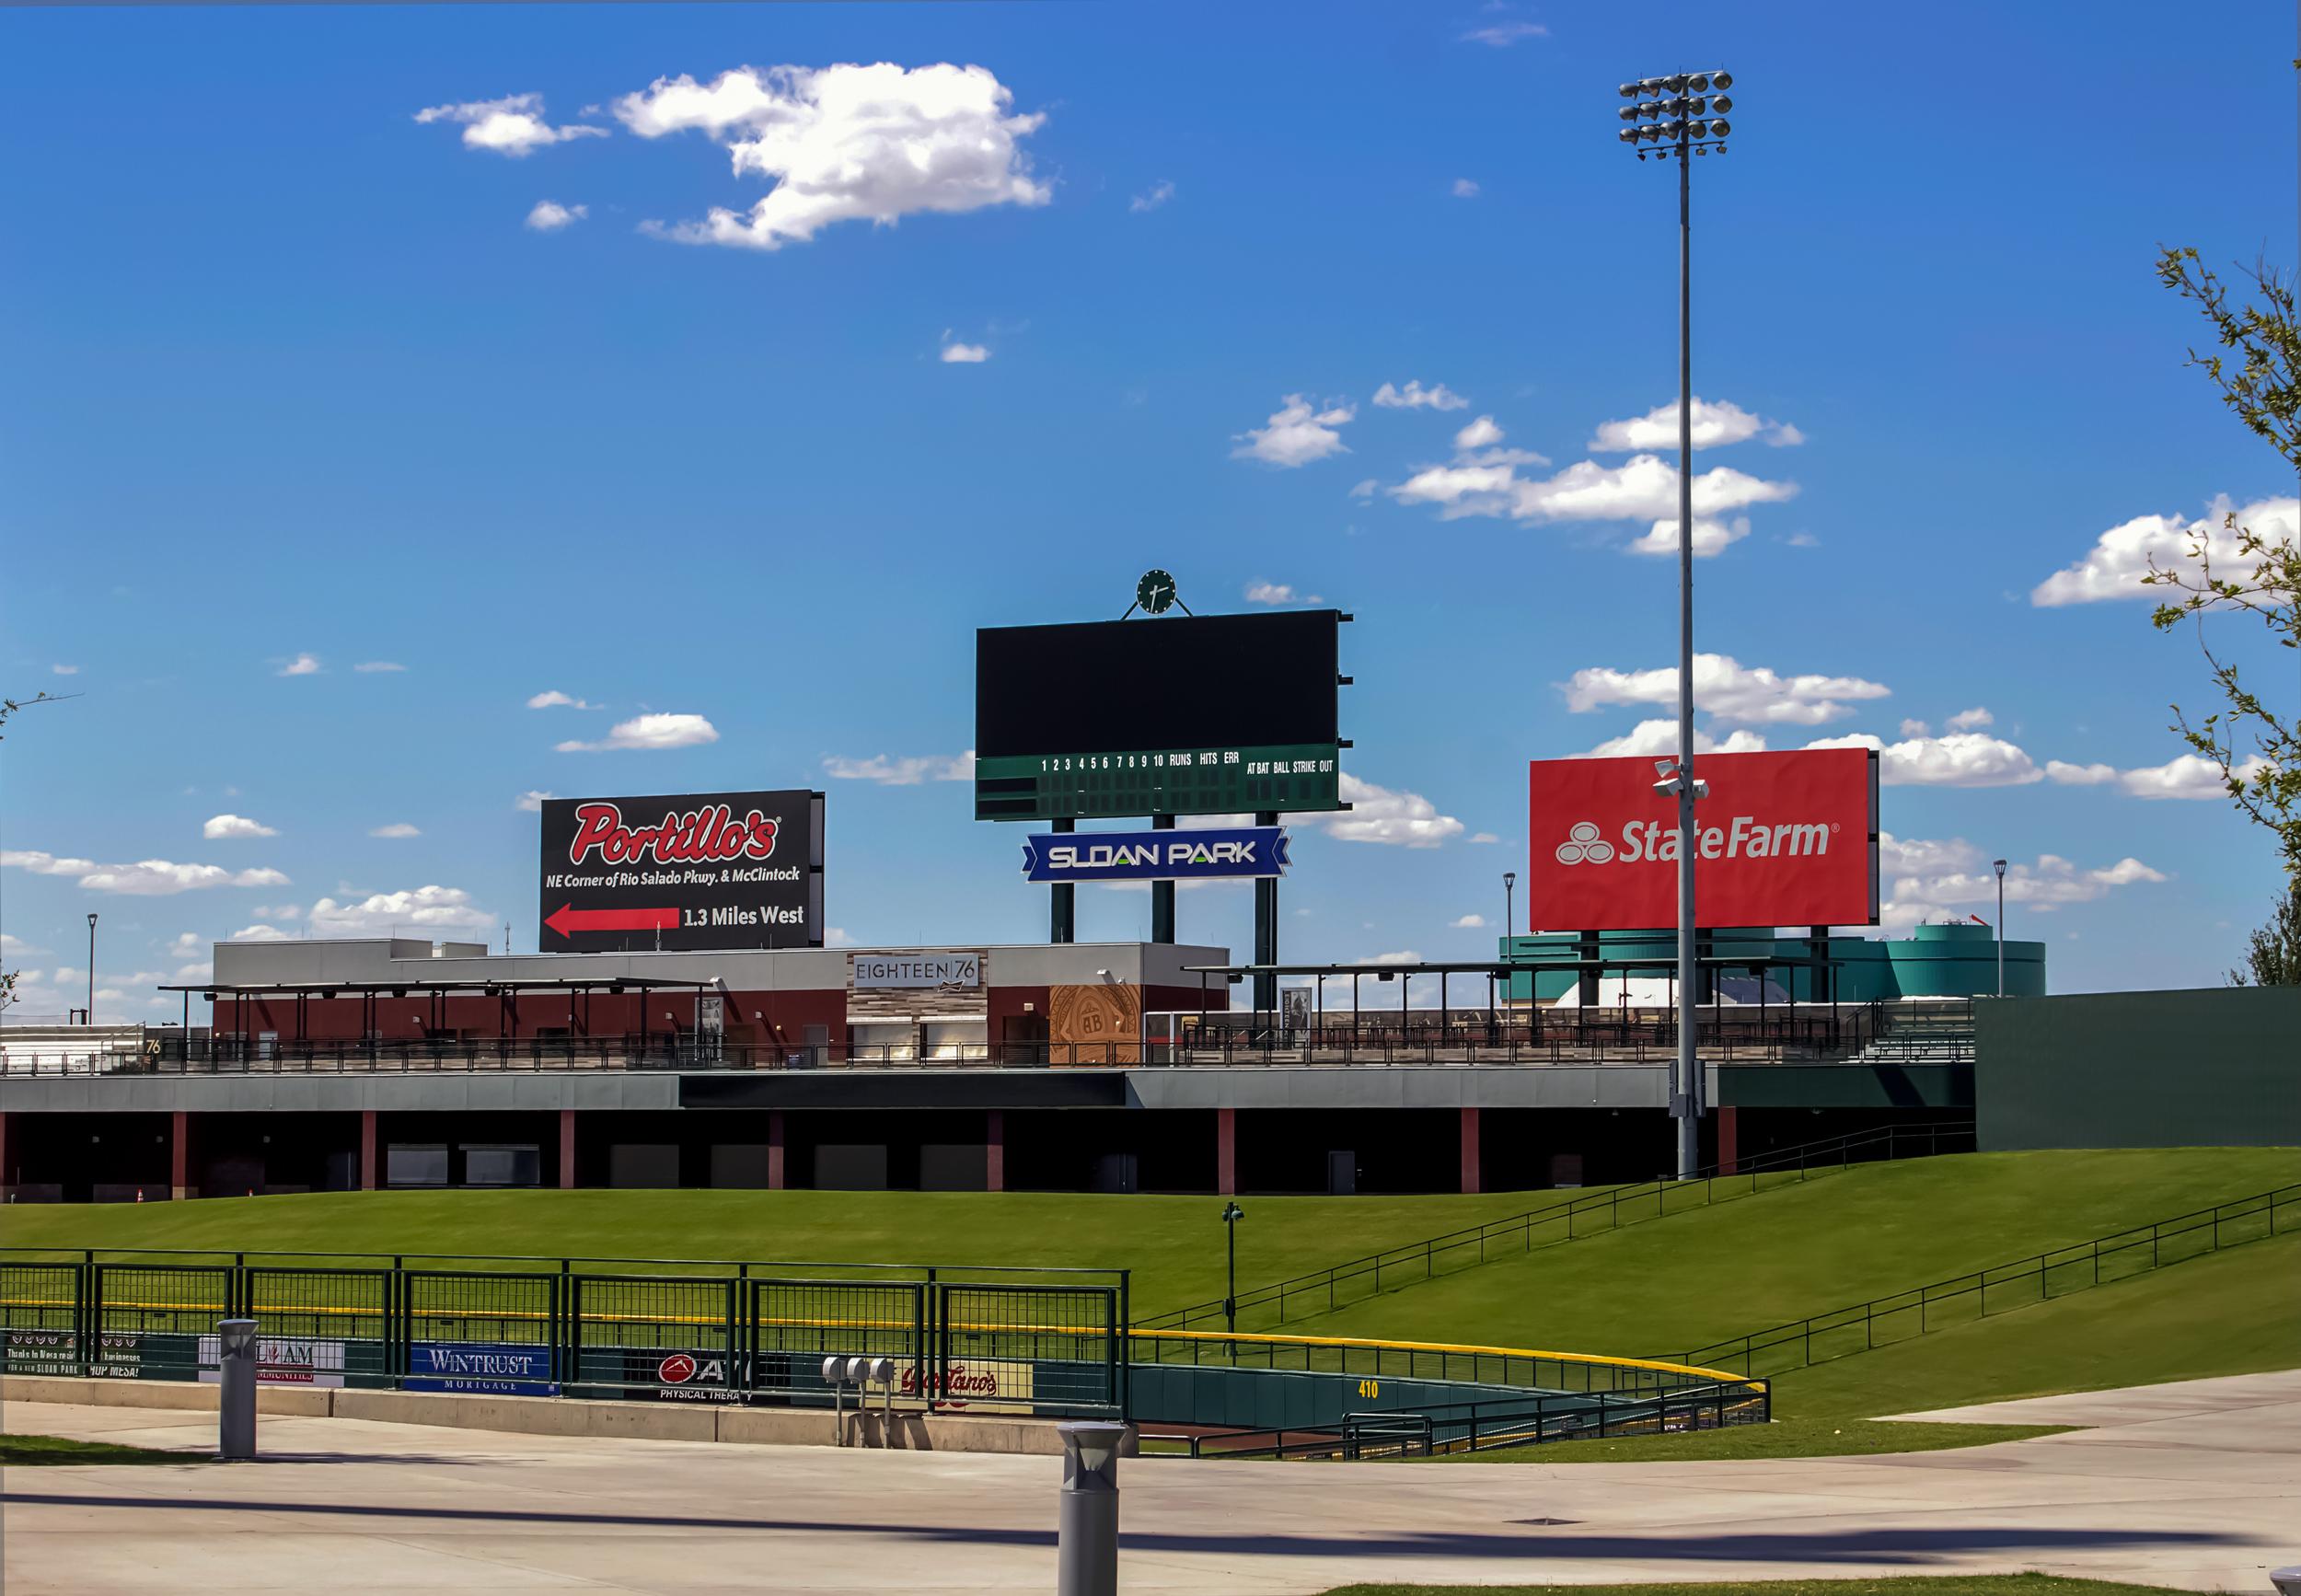 Channel letters reading Sloan Park proudly brands the field's scoreboard.